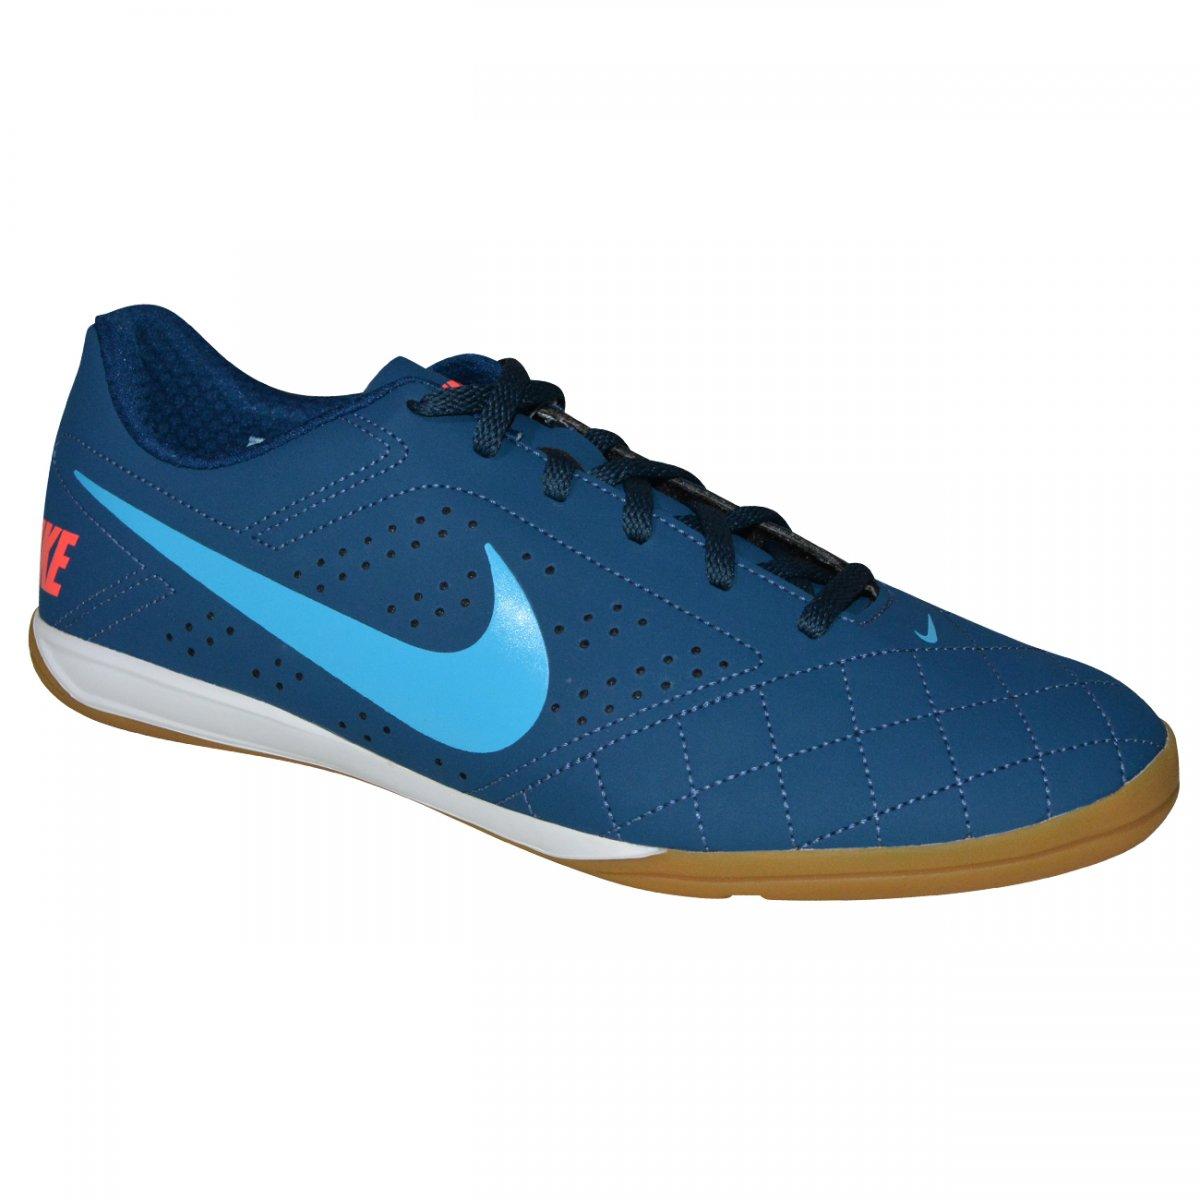 9e866ad9d3 Tenis Nike Beco 2 646433 402 - Marinho azul - Chuteira Nike